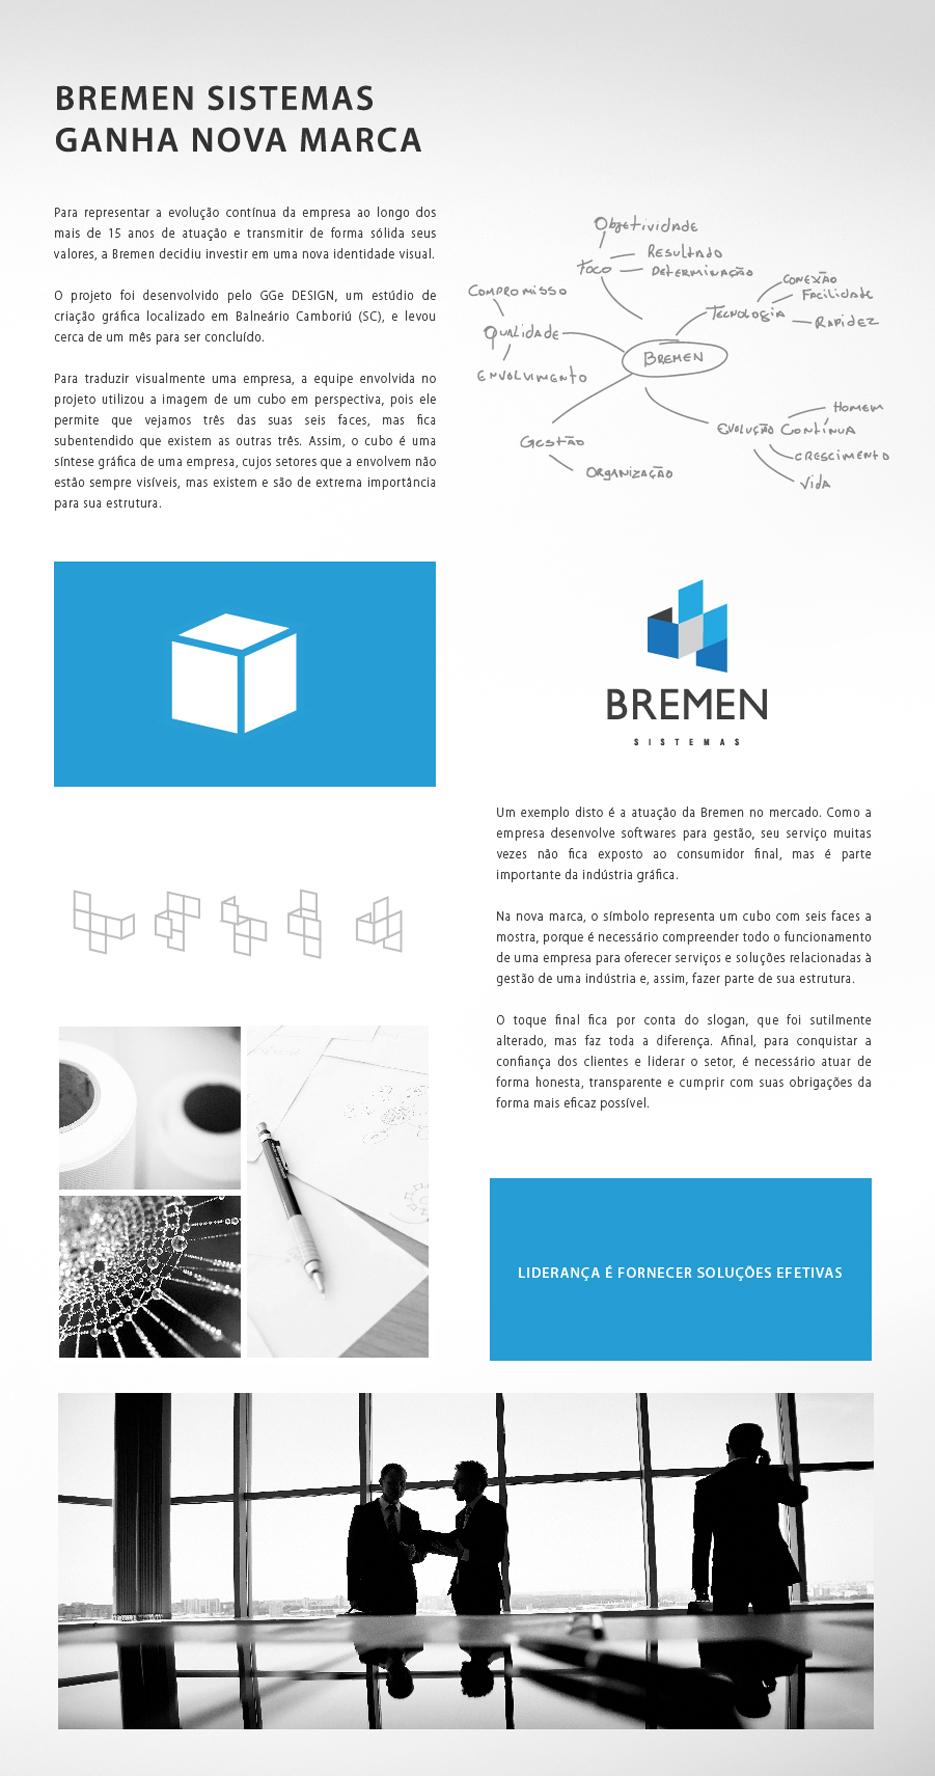 http://bremen.com.br/assets/dinamicos/imprensa/resumo_020_01.jpg?_dc=210727035800